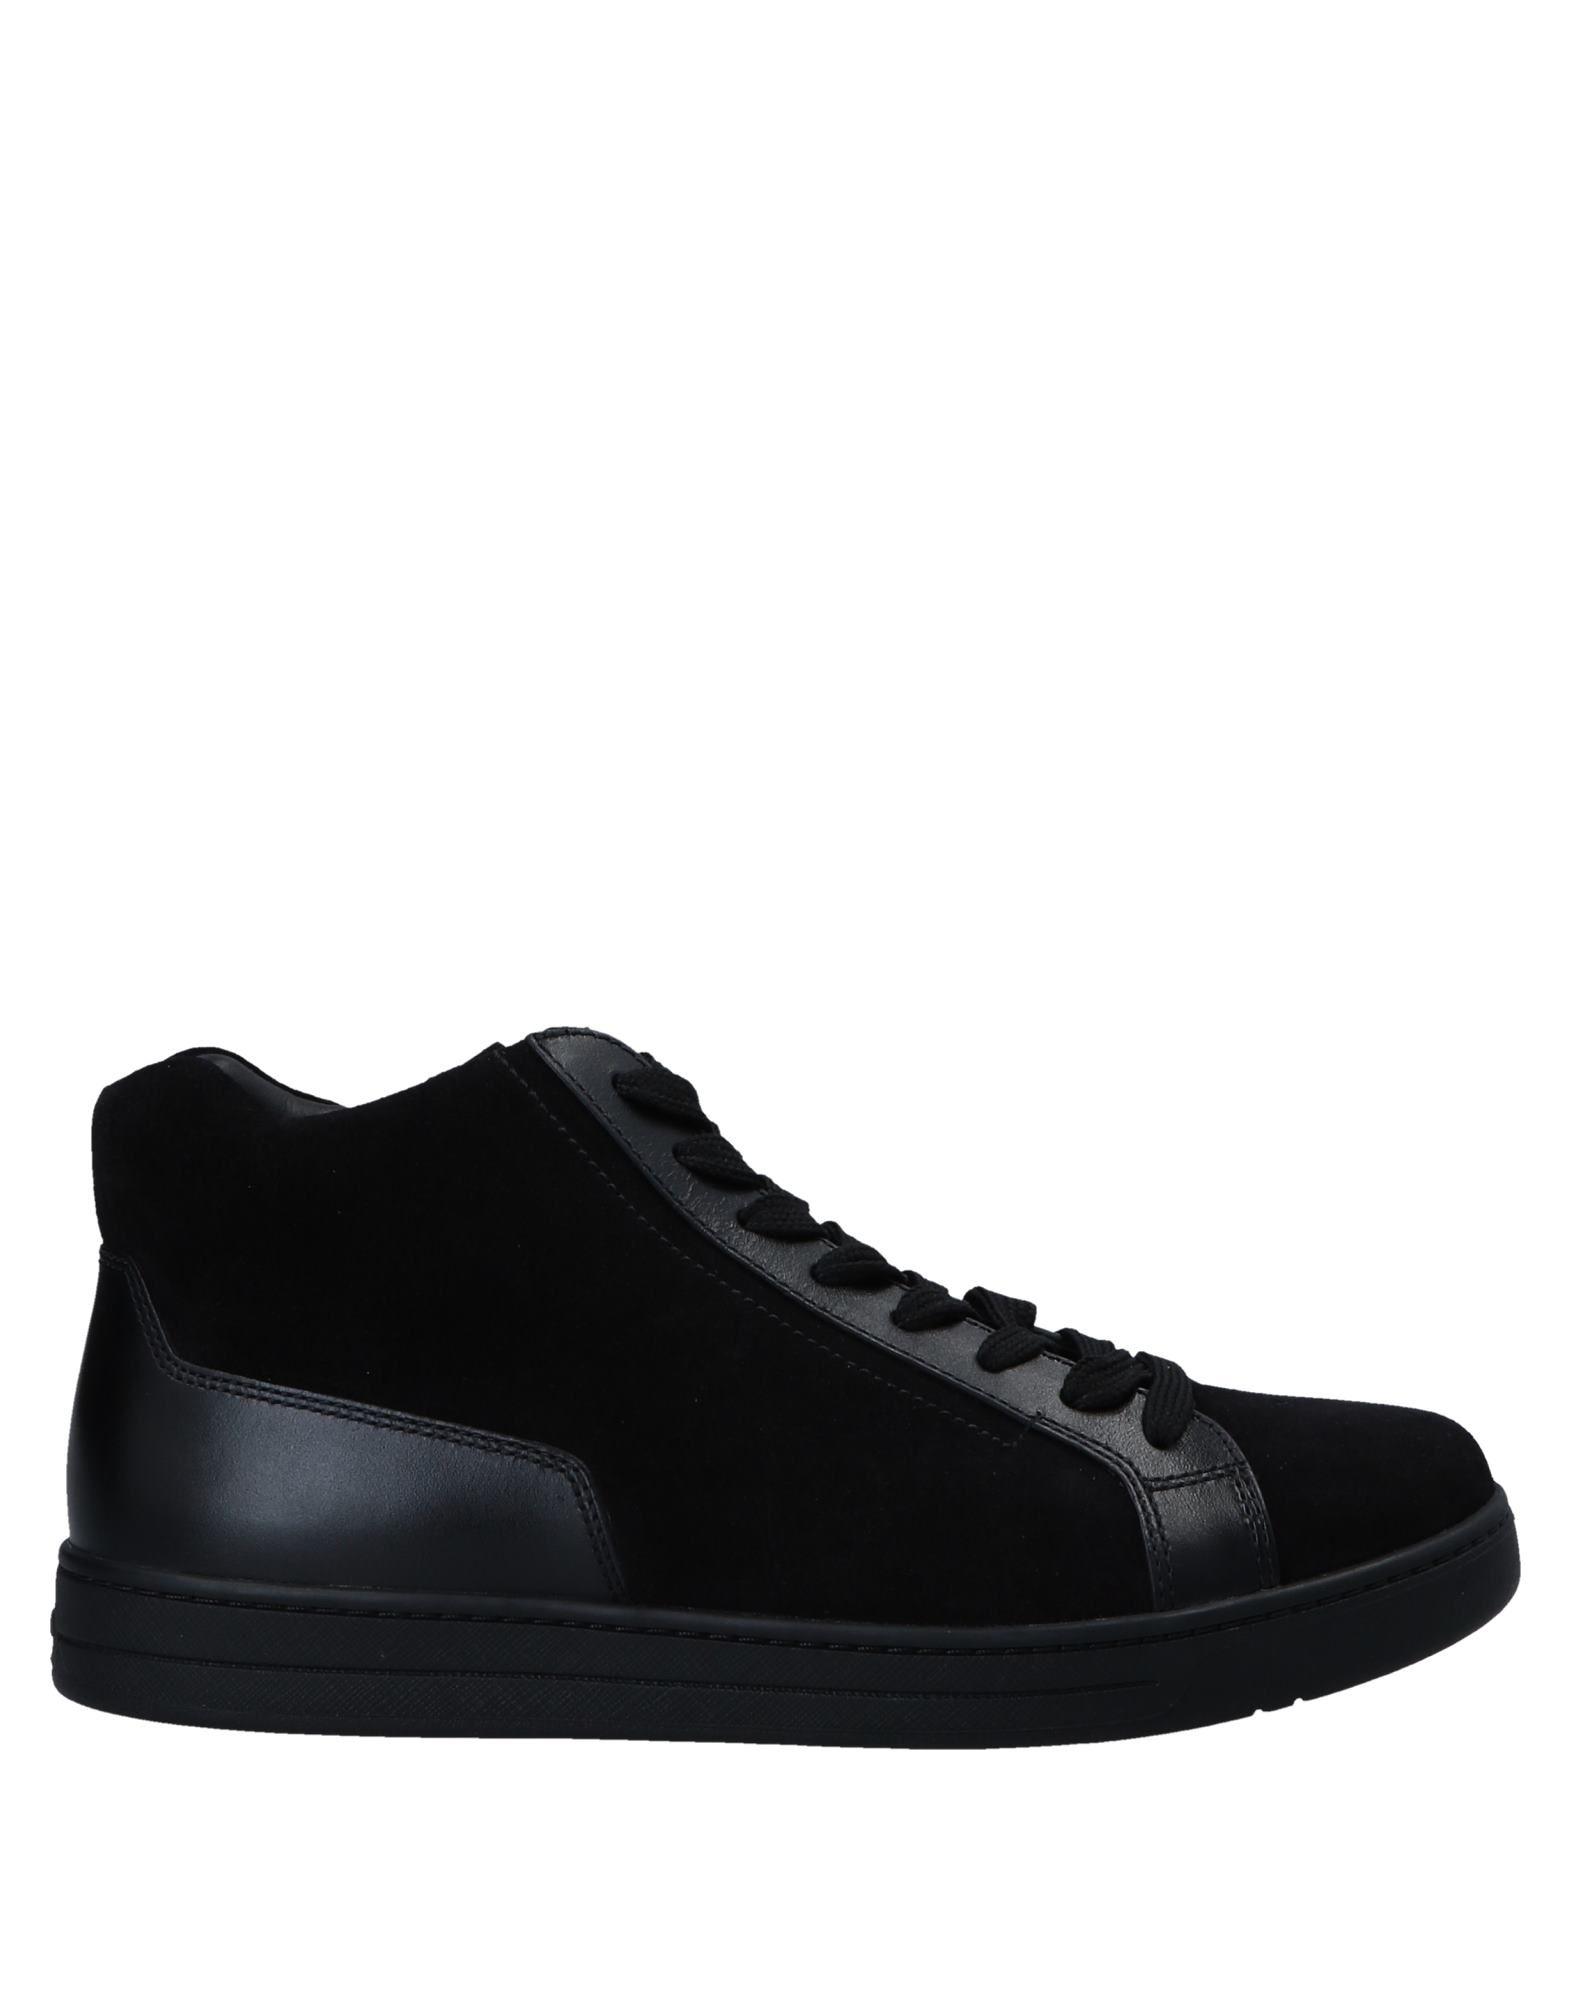 Sneakers Cult Donna - 44793758KP Scarpe economiche e buone